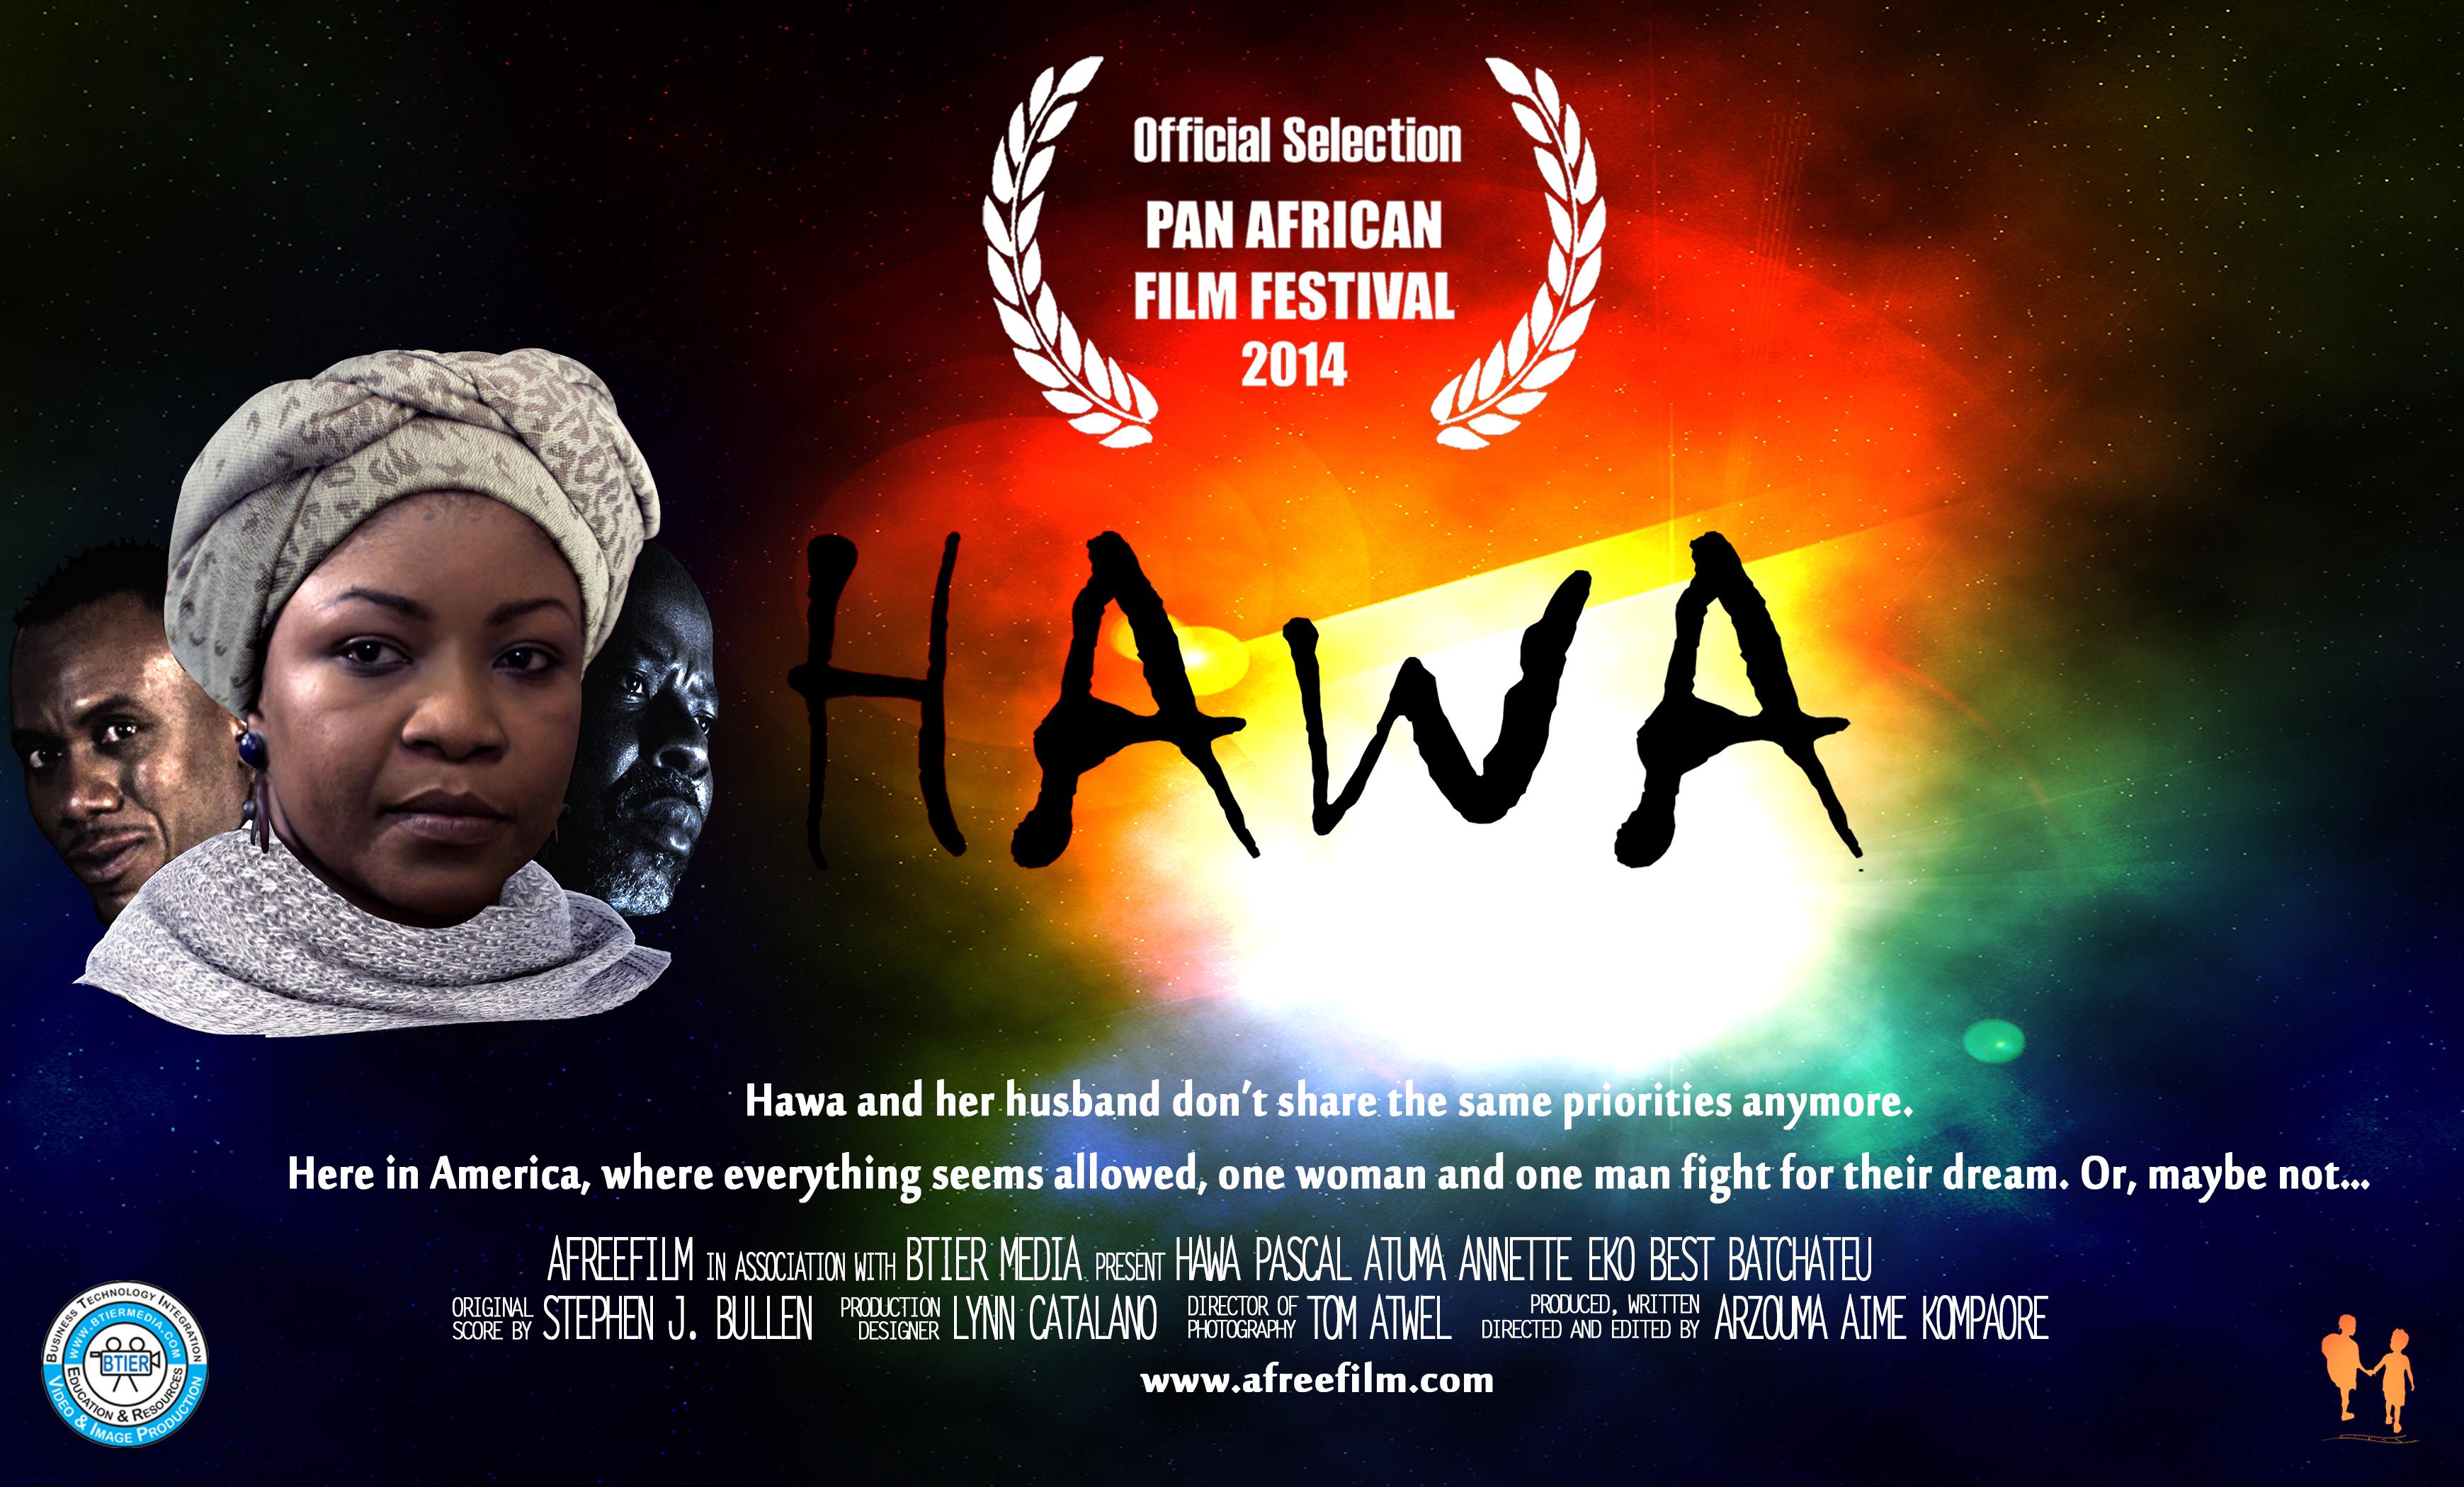 HAWA PAFF POSTCARD 2 RGB.jpg